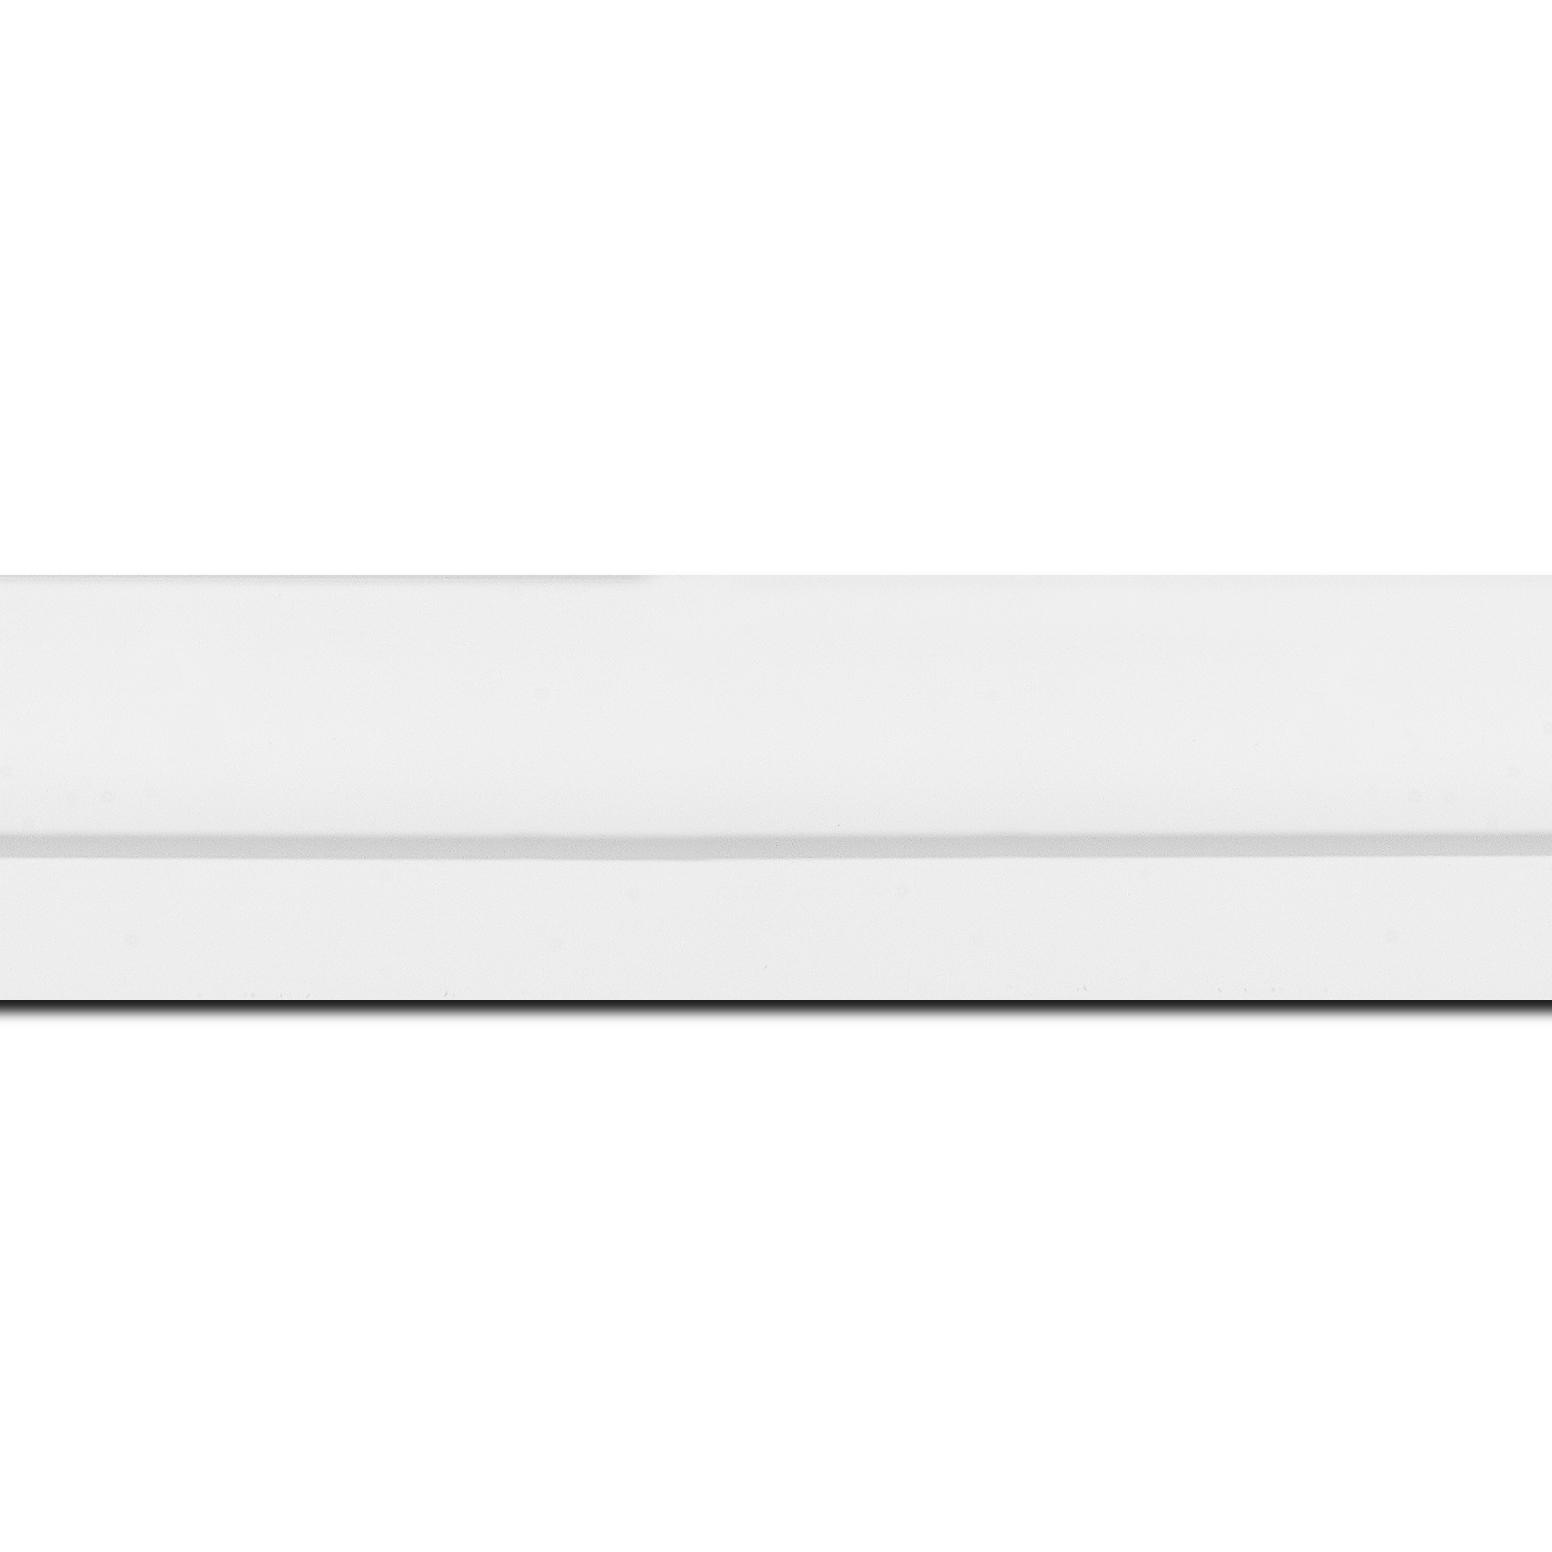 Pack par 12m, bois profil plat largeur 4.5cm couleur blanc mat nez blanc finition pore bouché (longueur baguette pouvant varier entre 2.40m et 3m selon arrivage des bois)